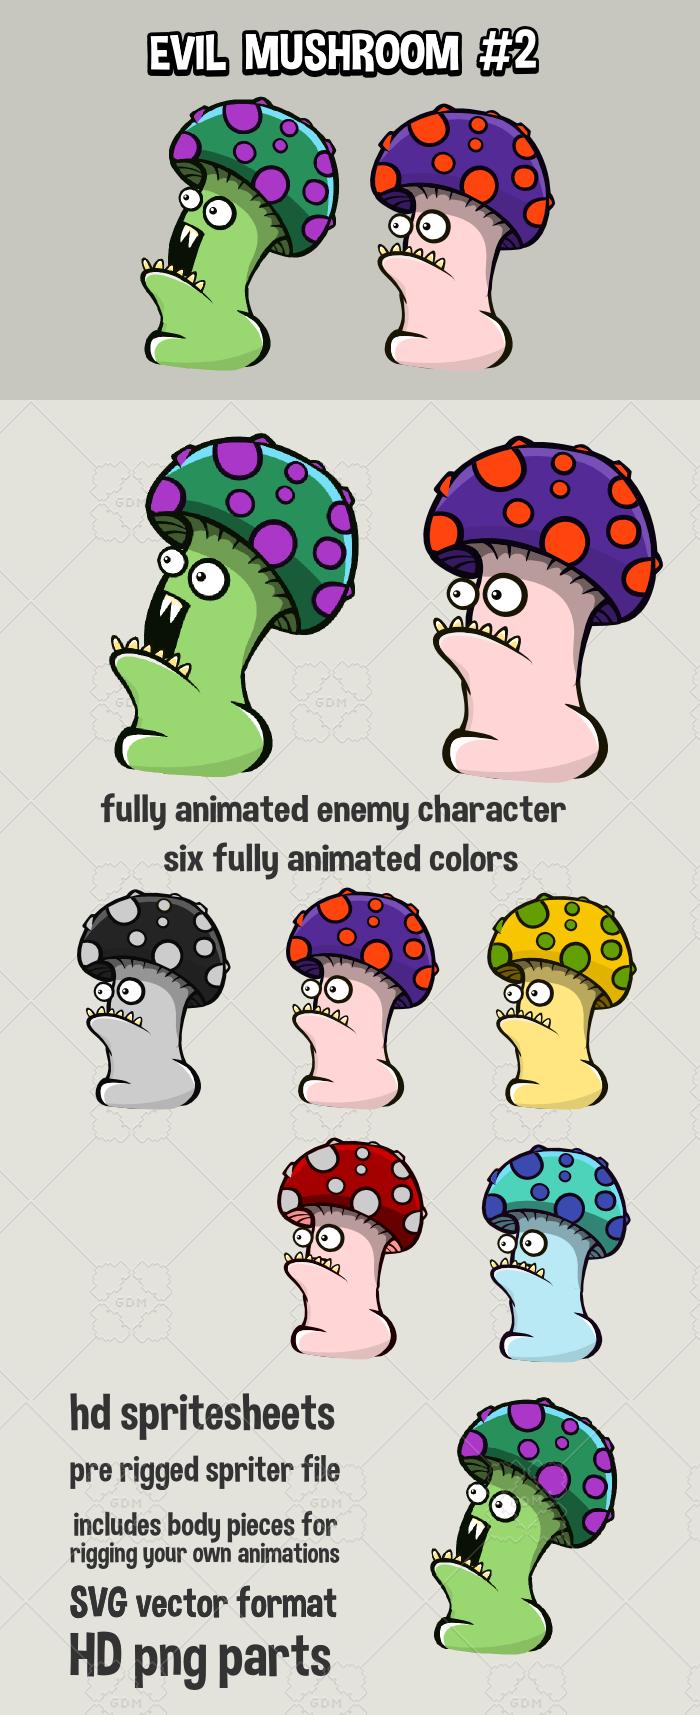 Animated evil mushroom2